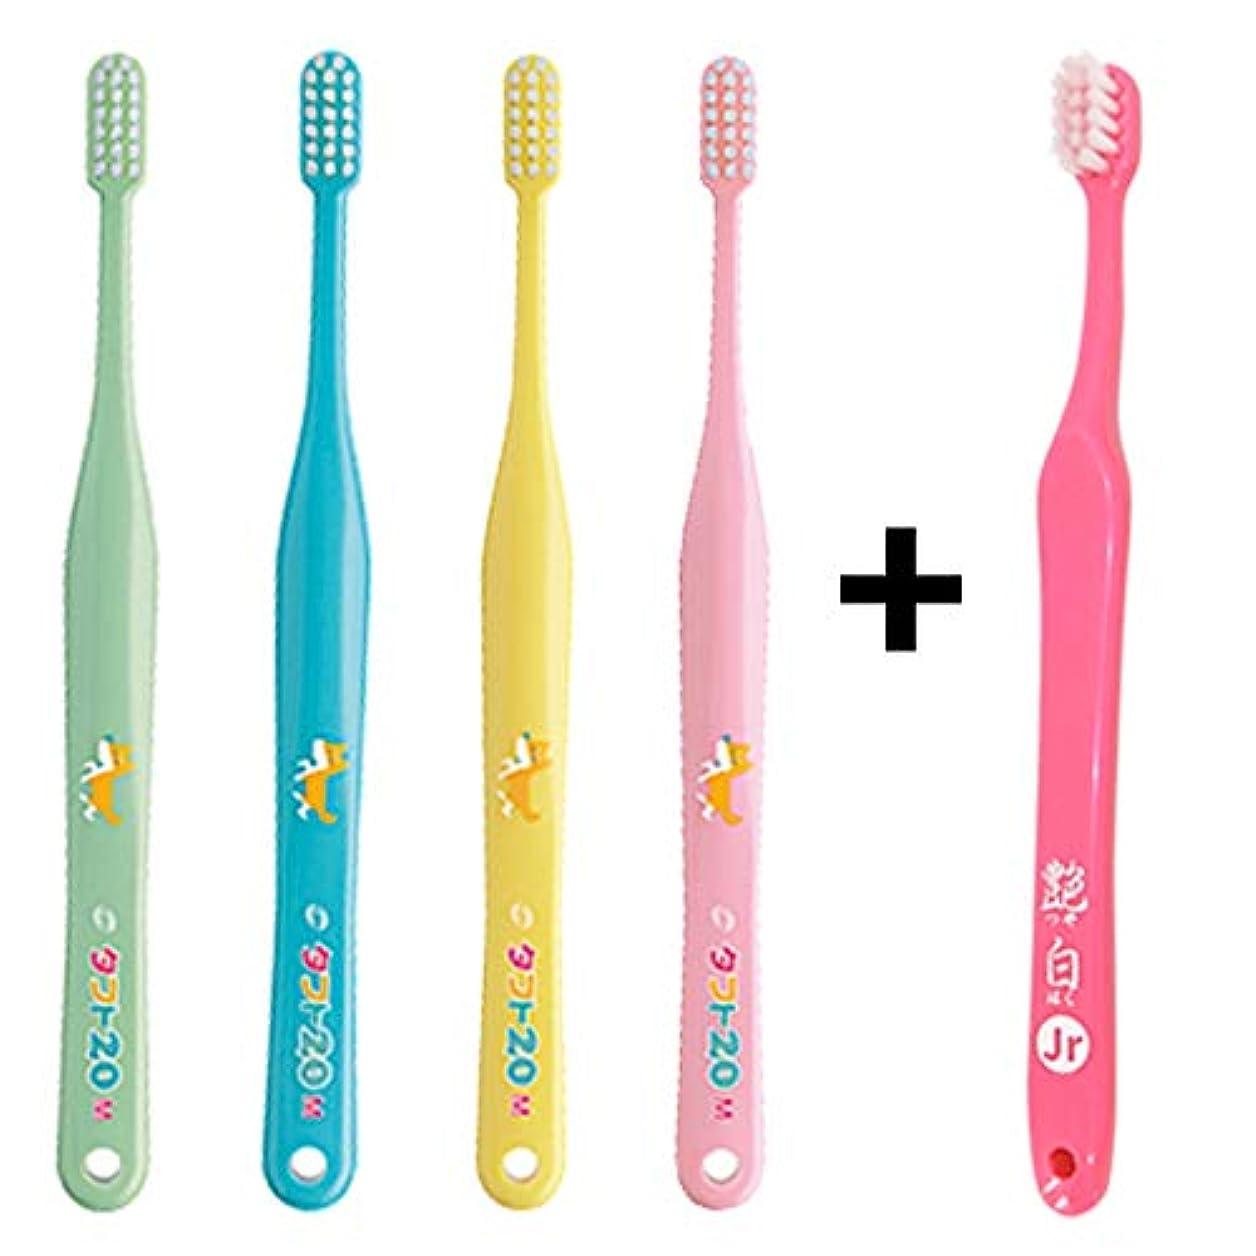 蒸発ユーモア花束タフト20 M(ふつう) こども 歯ブラシ×10本 + 艶白(つやはく) Jr ジュニア ハブラシ×1本 MS(やややわらかめ) 日本製 歯科専売品